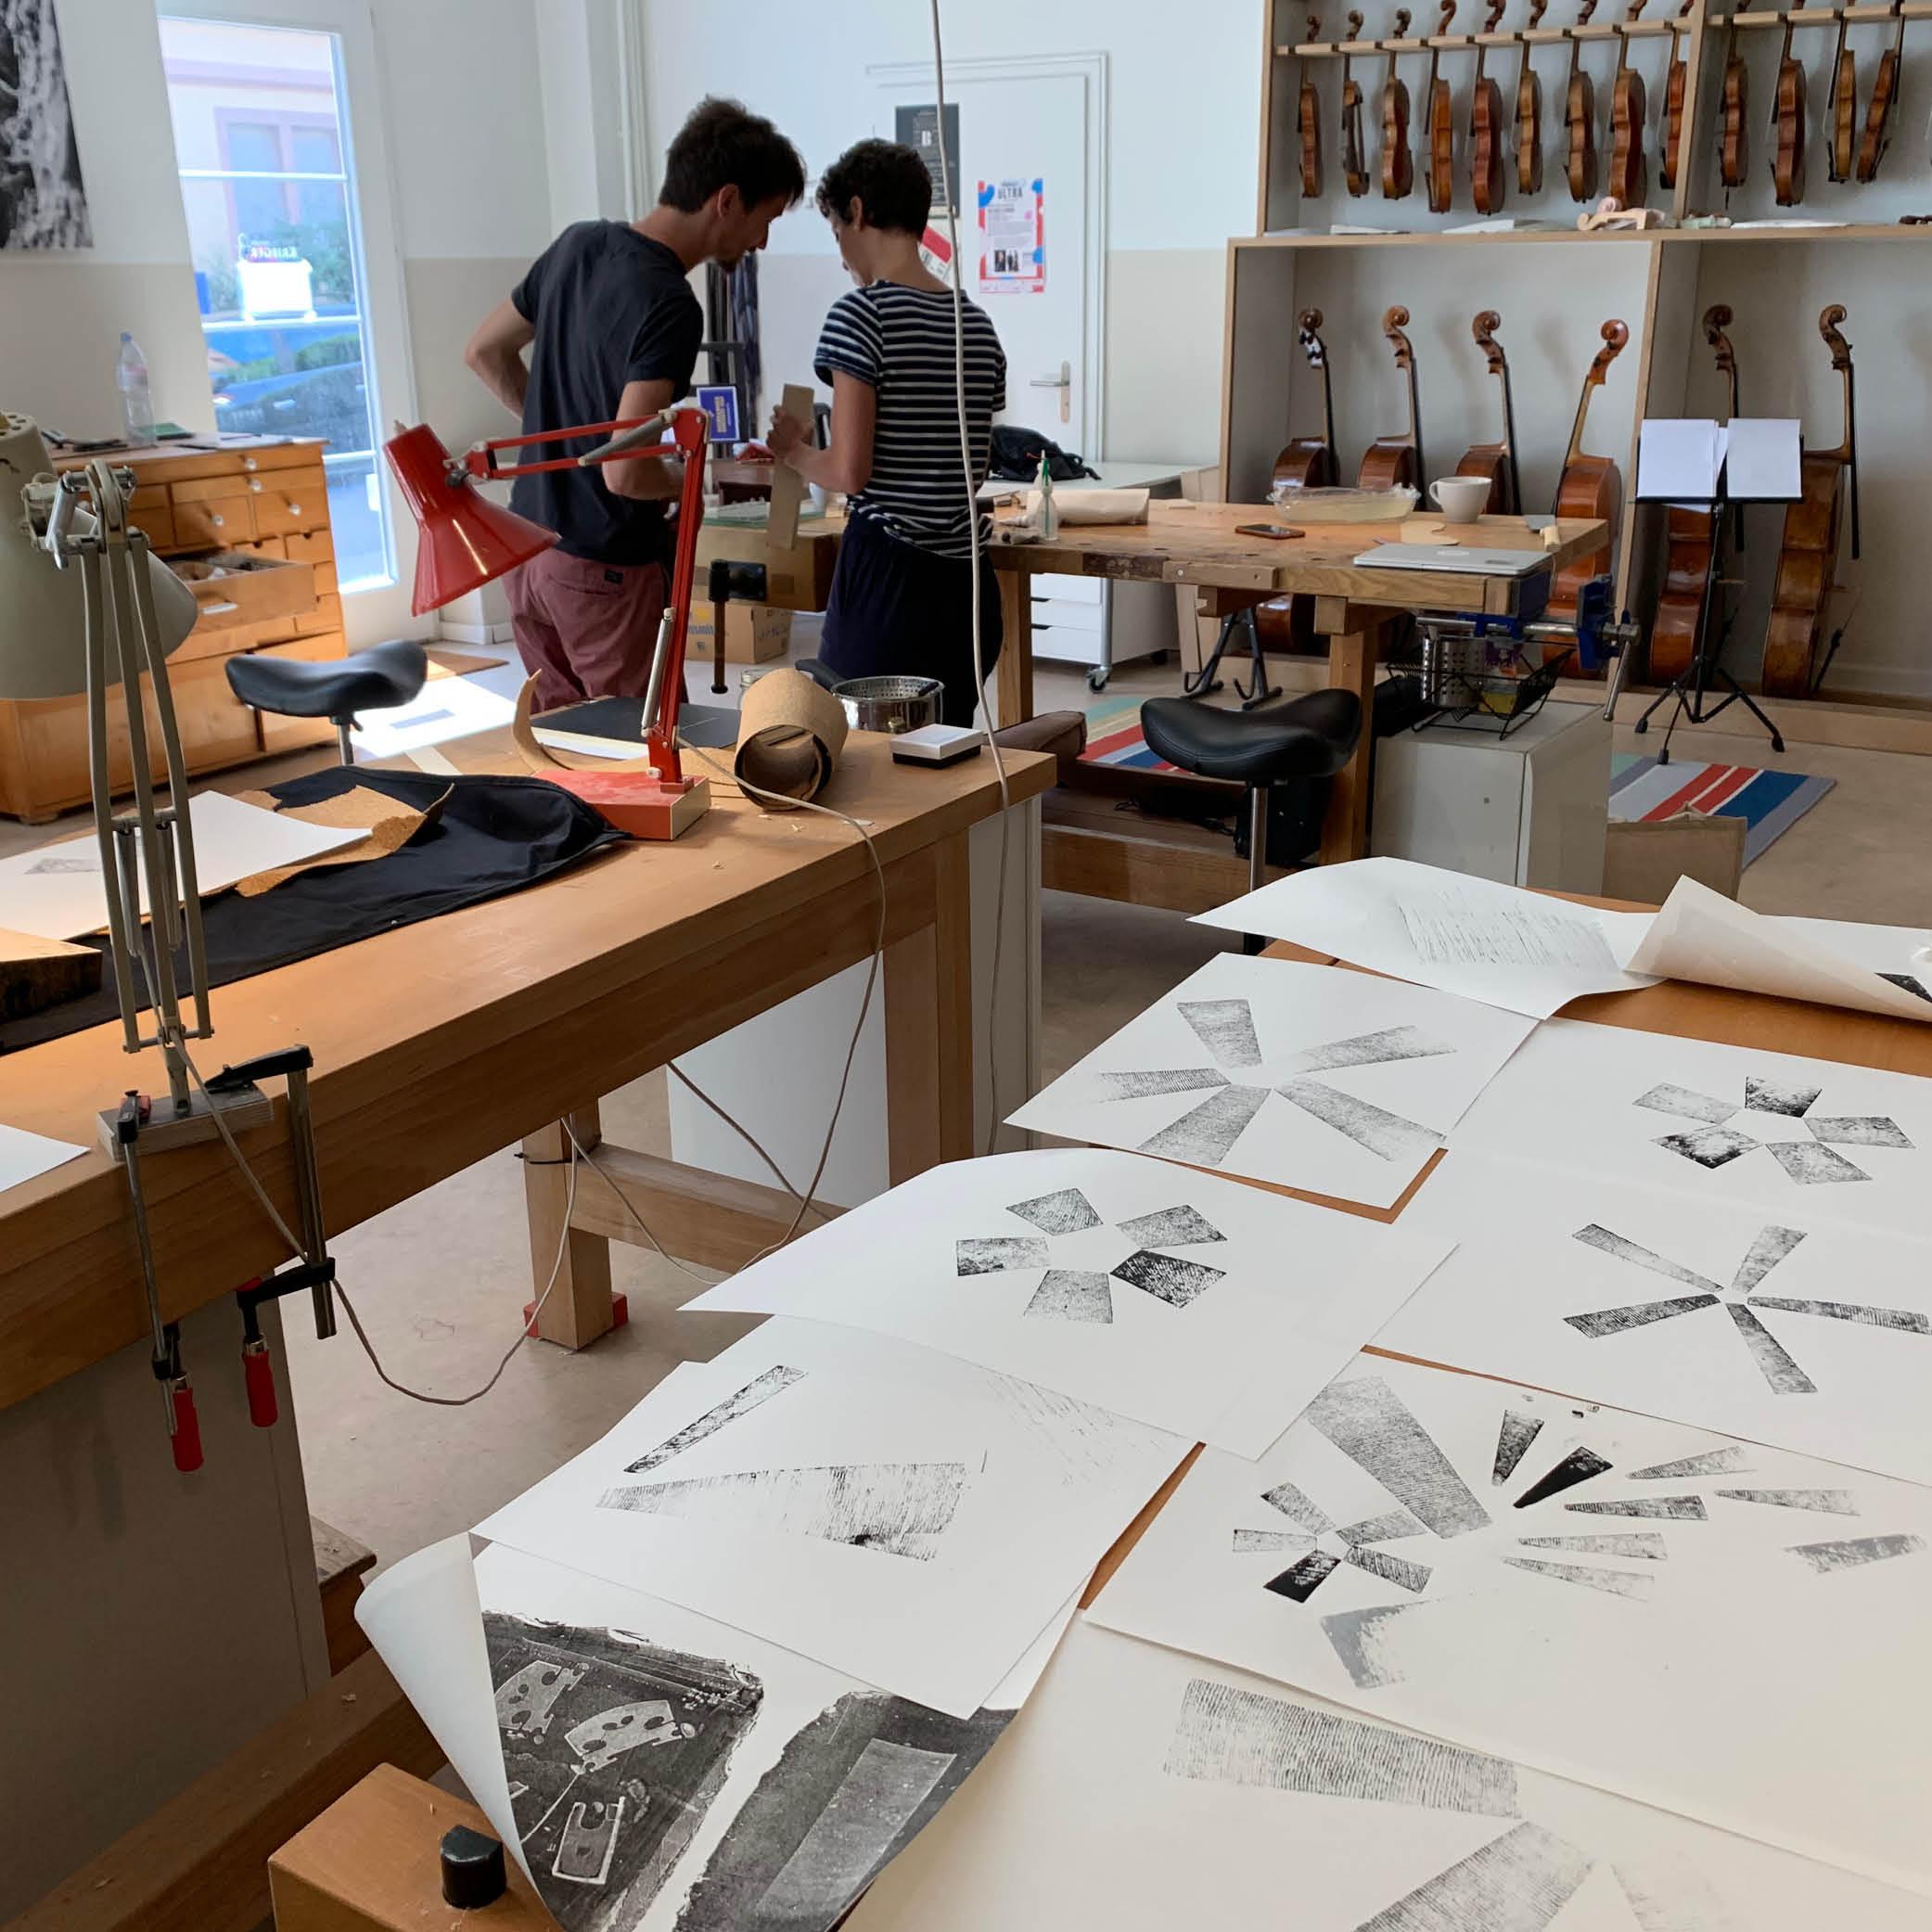 Rahel Widmer und Thiemo Schutter drucken mit Holzstücken die Key Visuals für das Geigenbauatelier Schutter Widmer Krieger